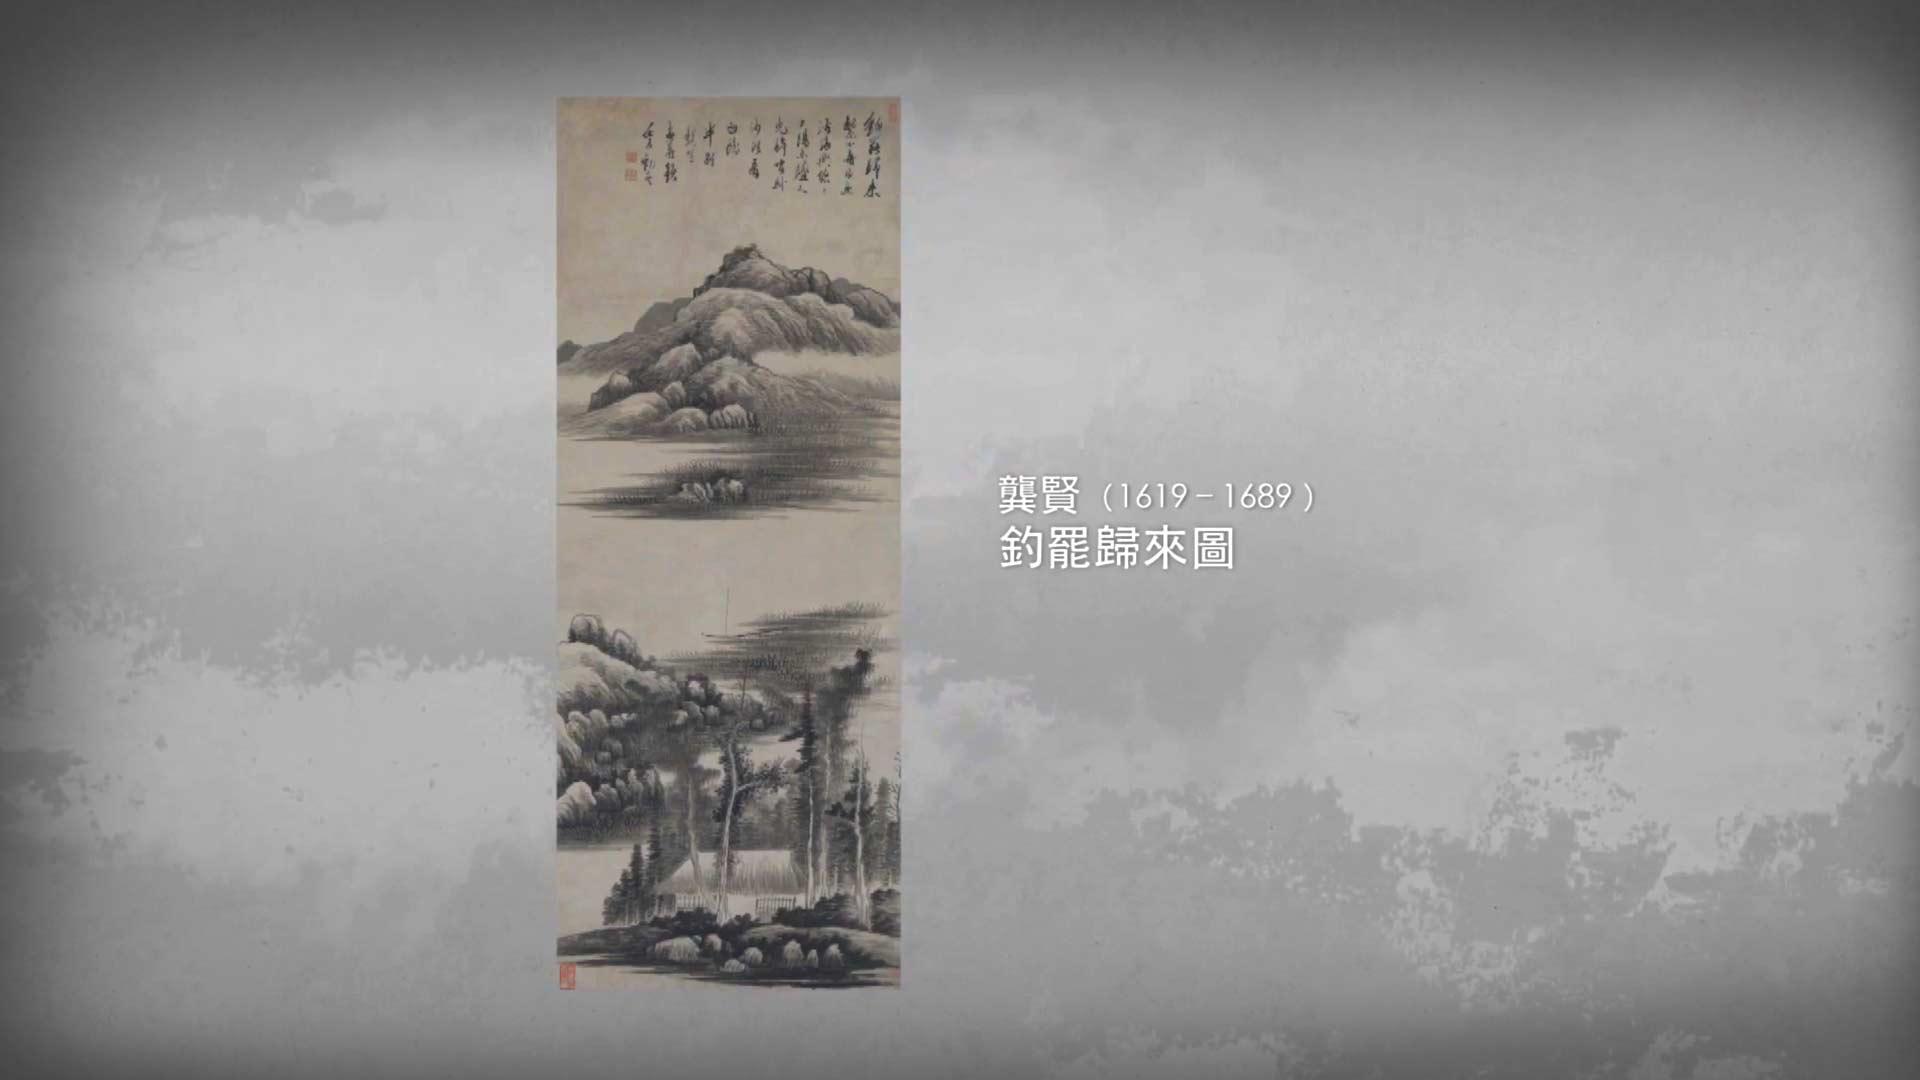 《呼吸美学-中国古画赏析》:画中桃花源(2021年) <p>画作提供:香港艺术馆至乐楼藏</p>